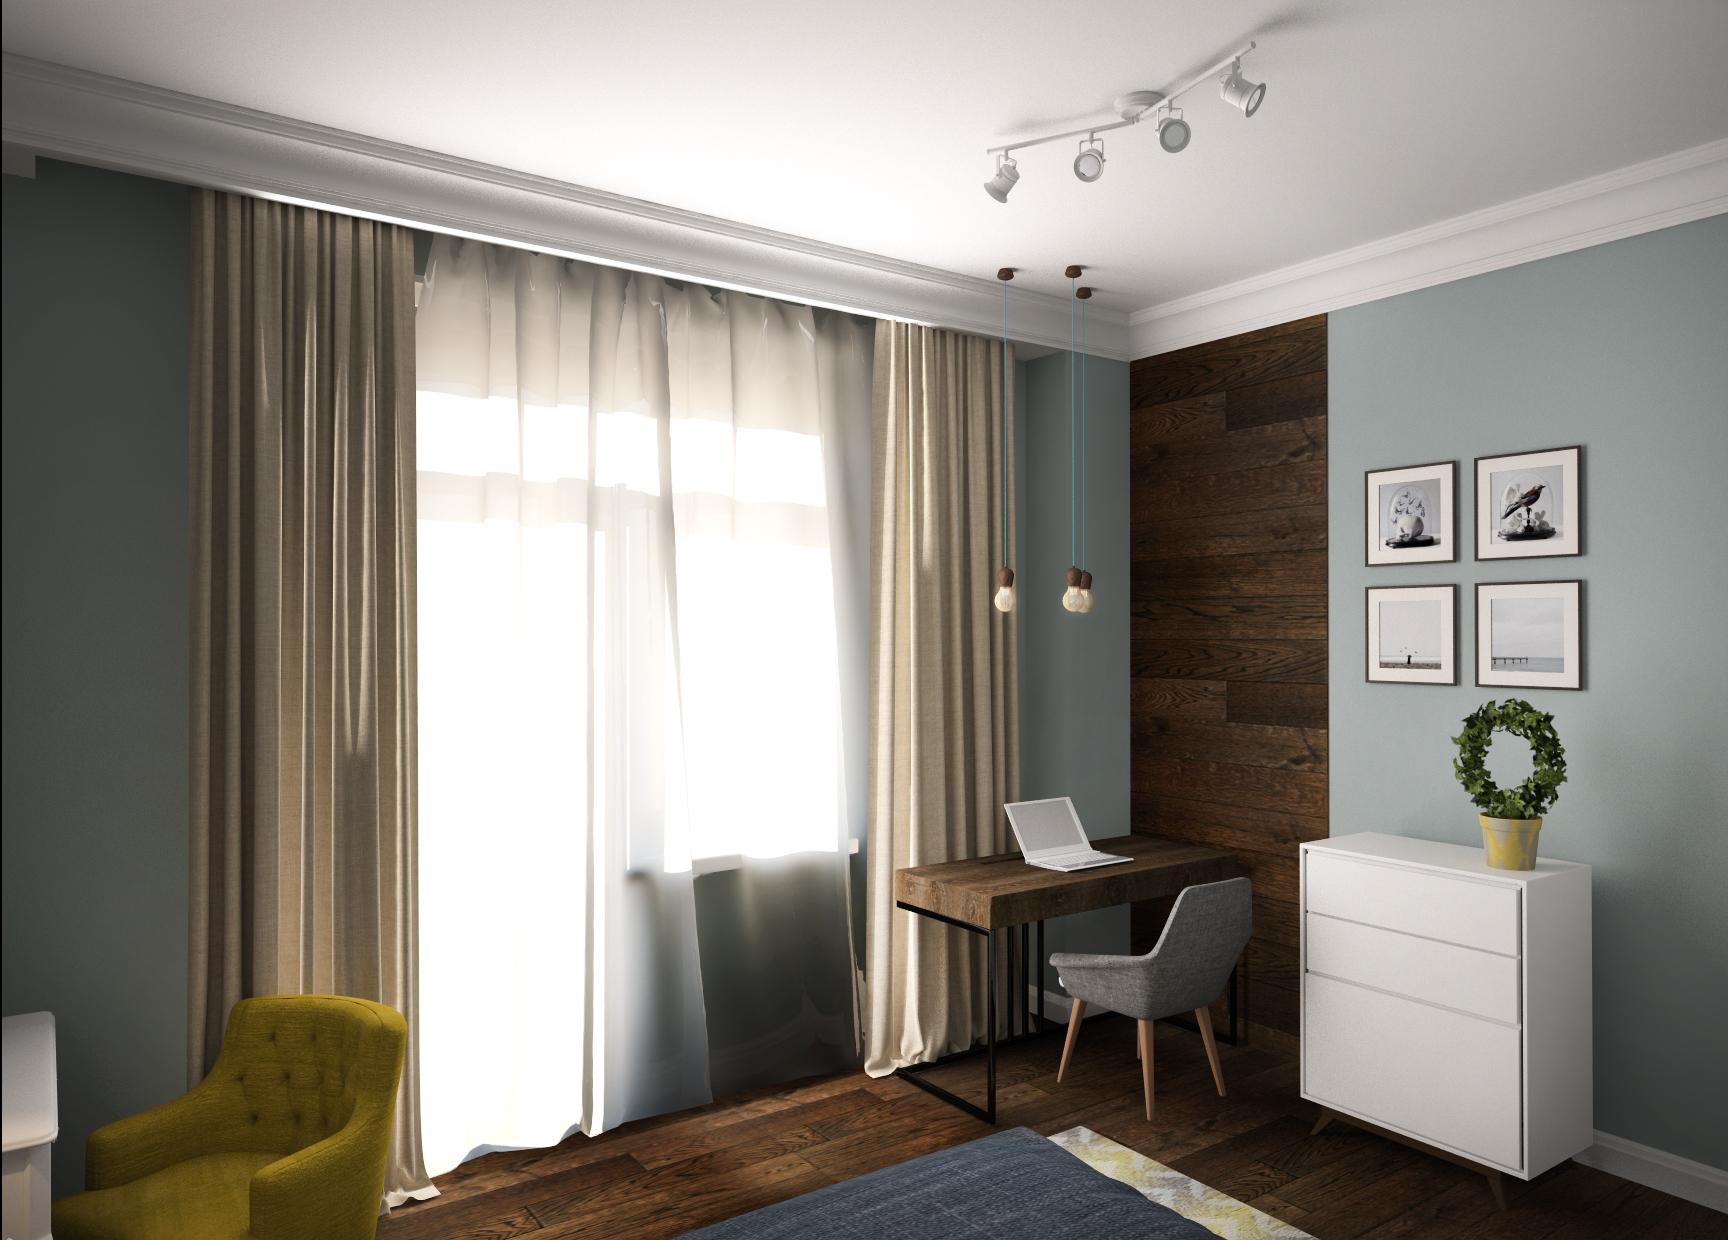 Спальня 2 вид в голубых